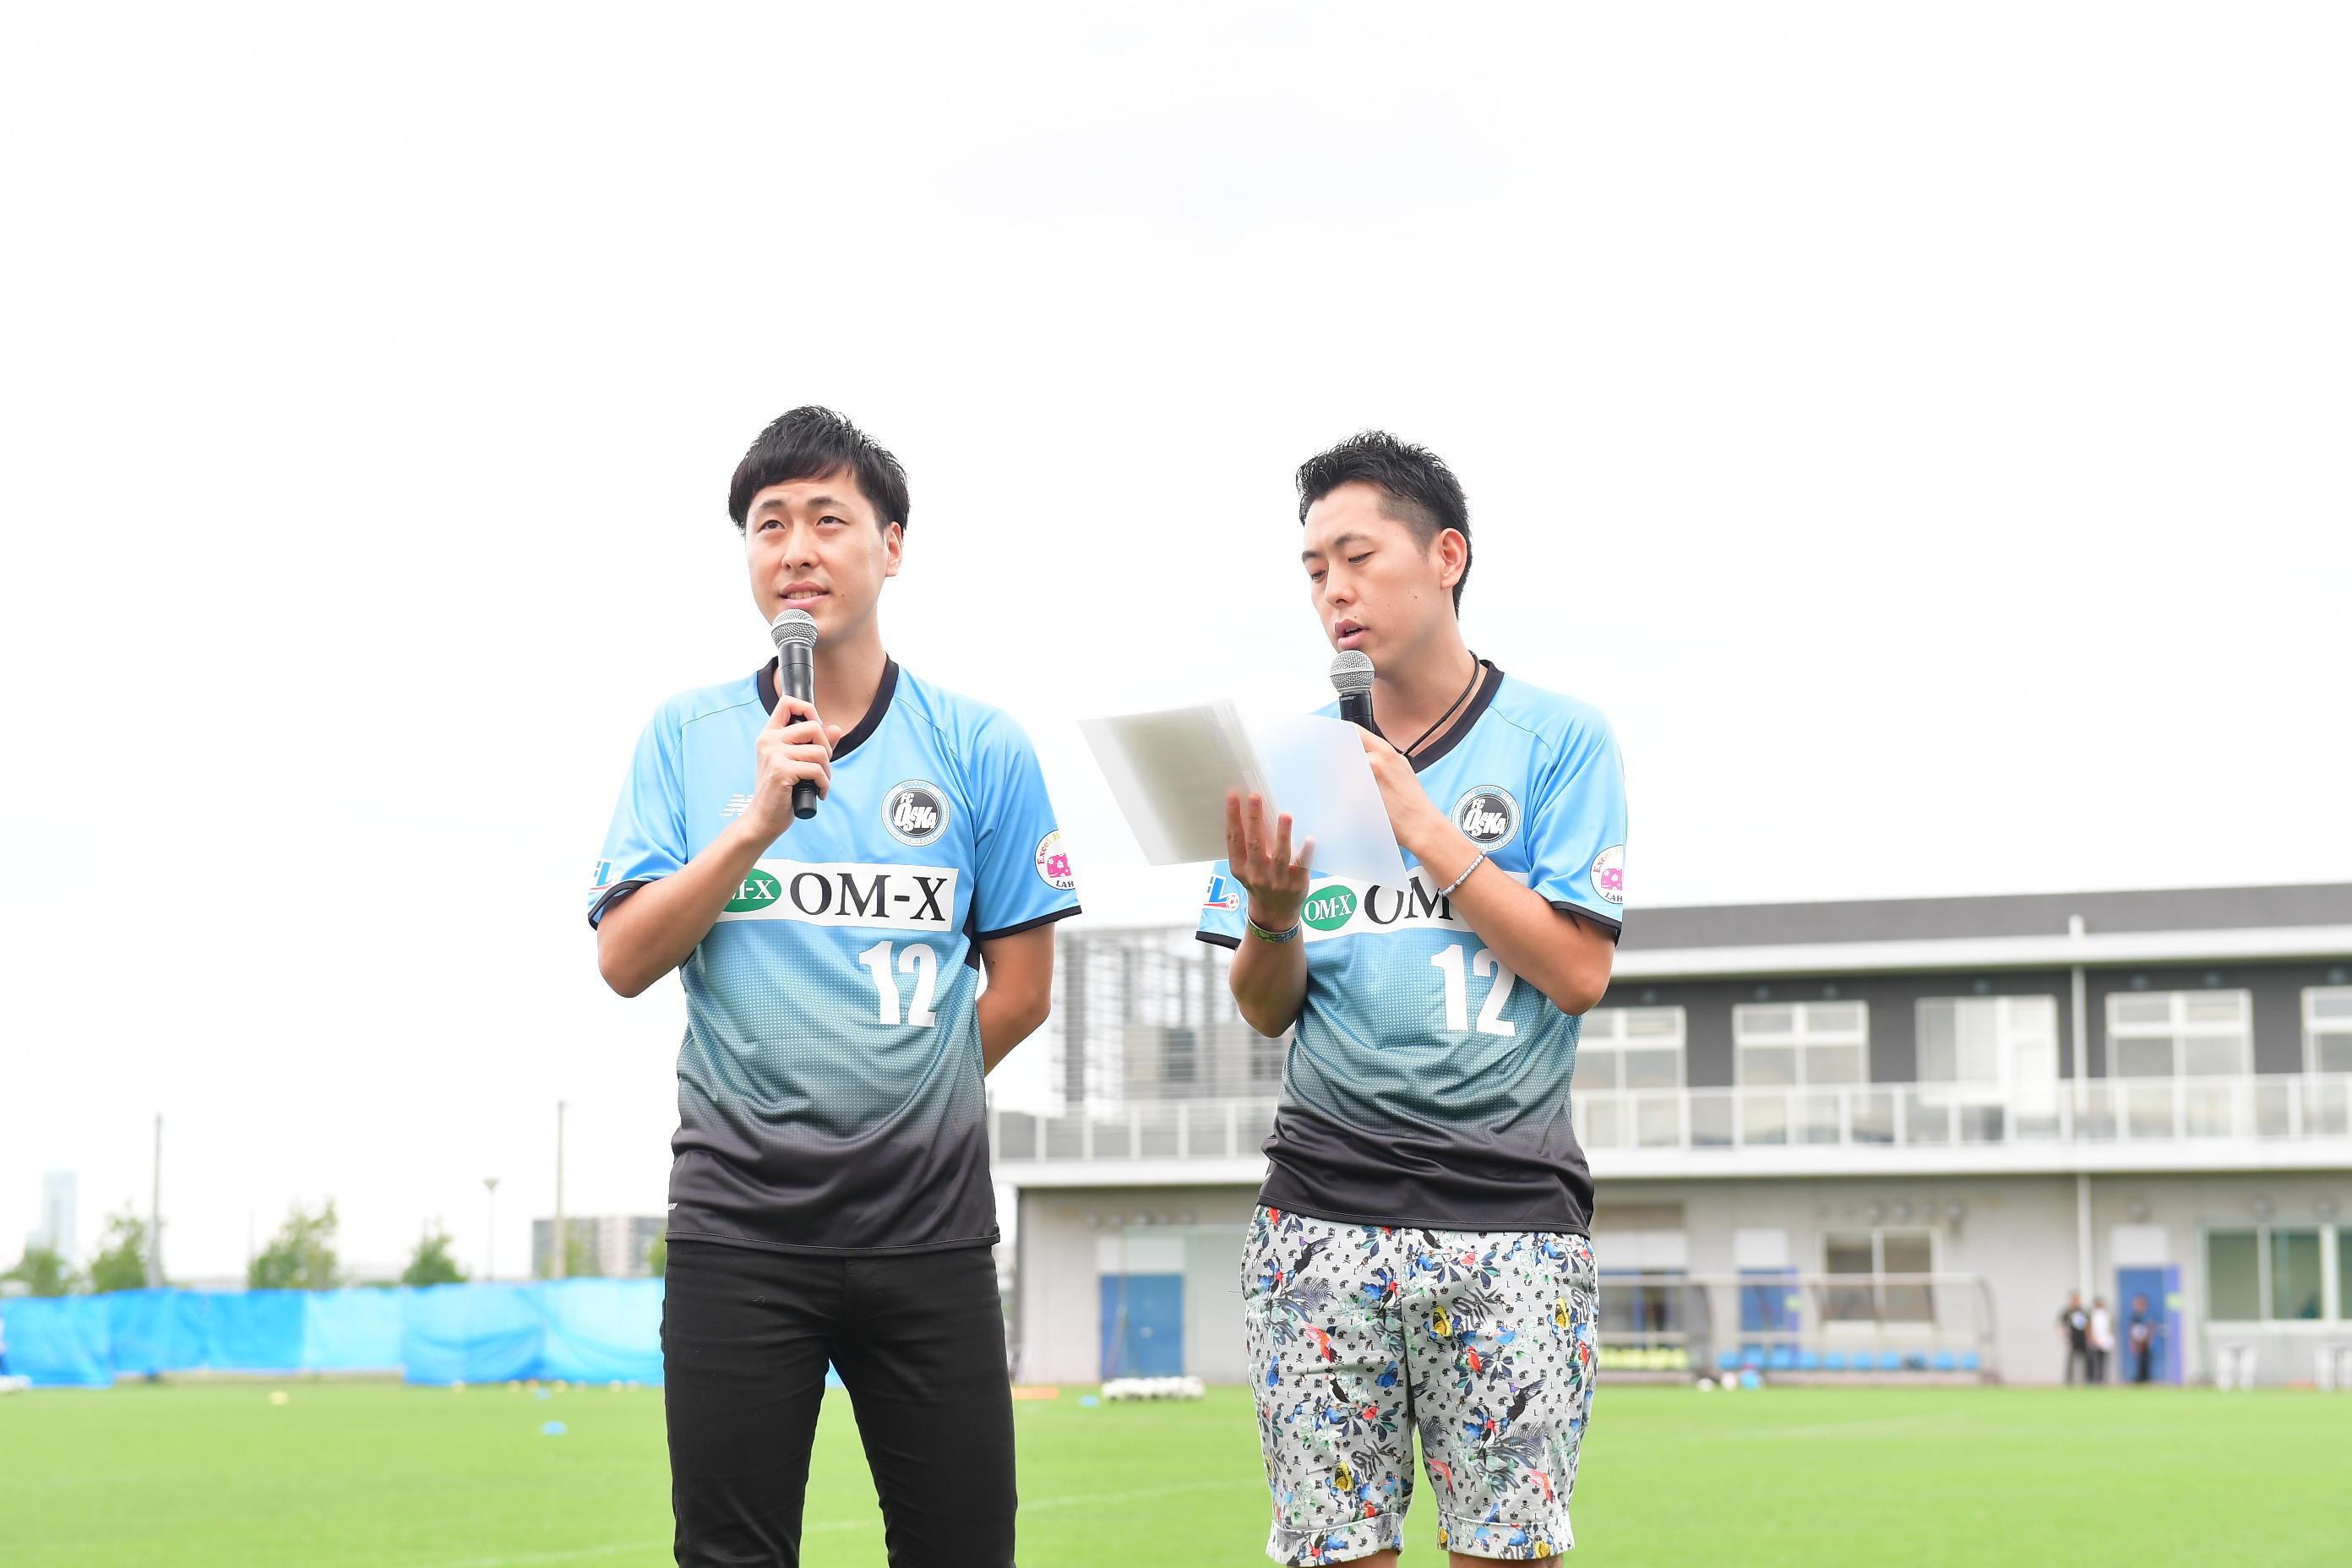 http://news.yoshimoto.co.jp/20180729204547-d54b2d7a95ffcfd03ae198656b5539fb78622d0b.jpg